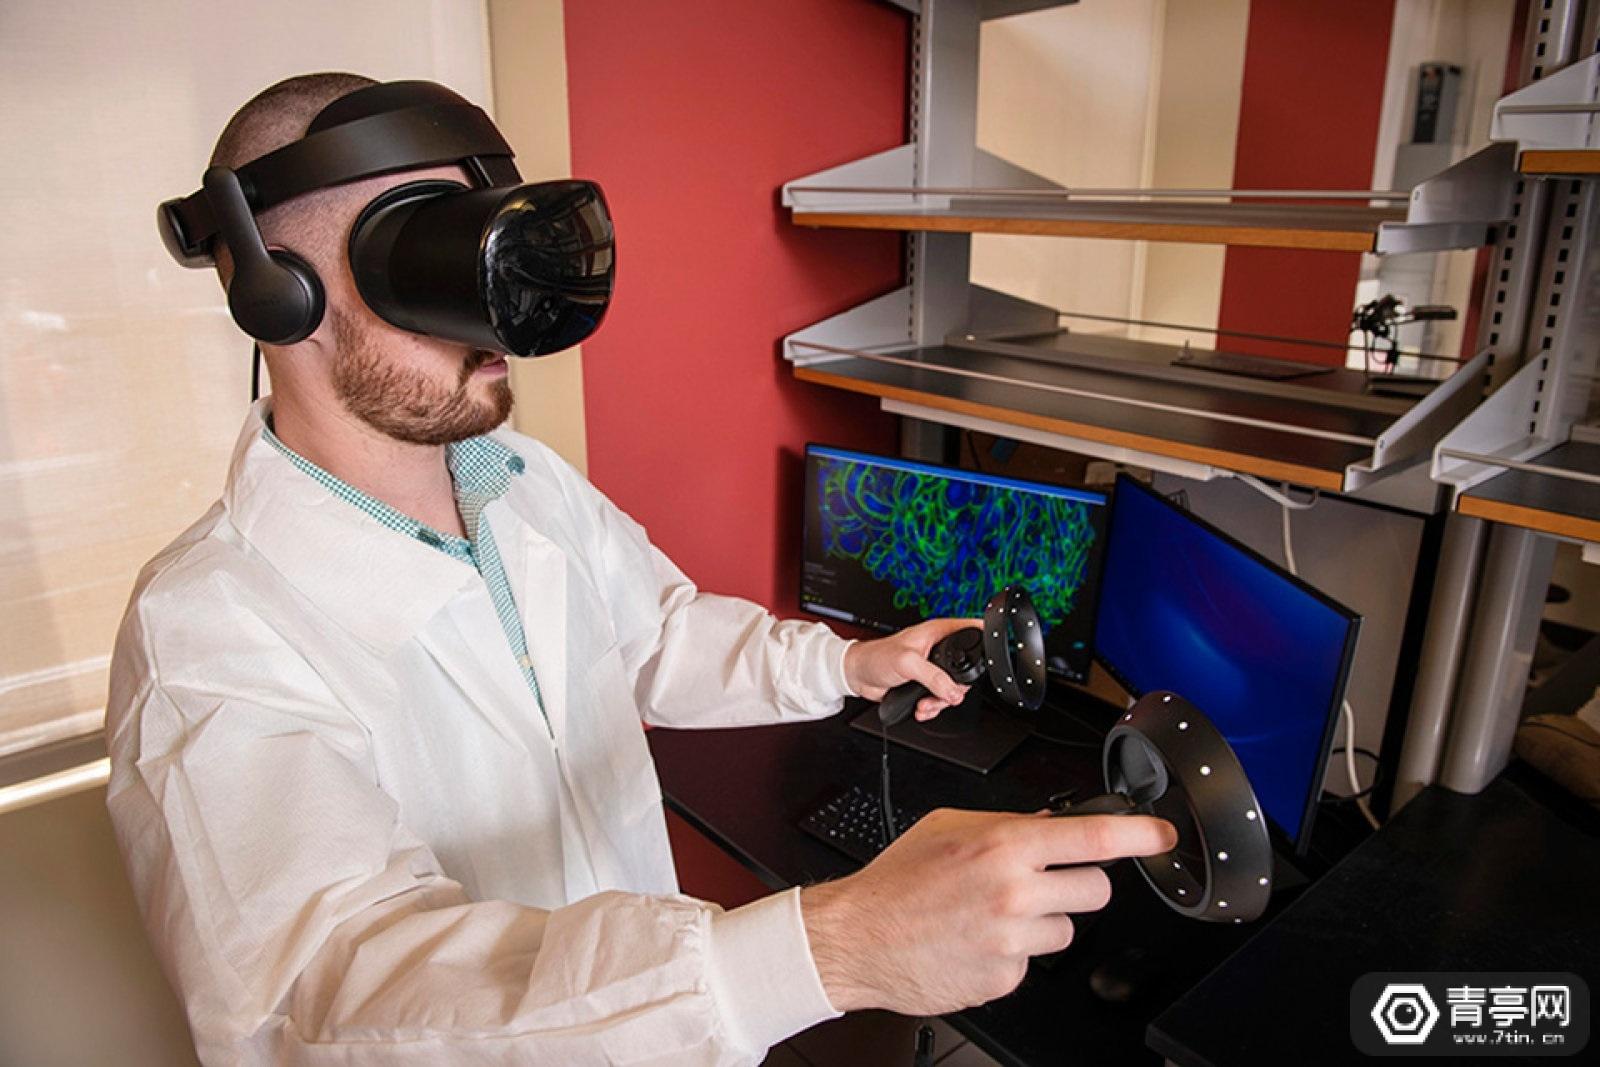 卡内基梅隆大学将VR与显微镜结合,探索三维细胞结构